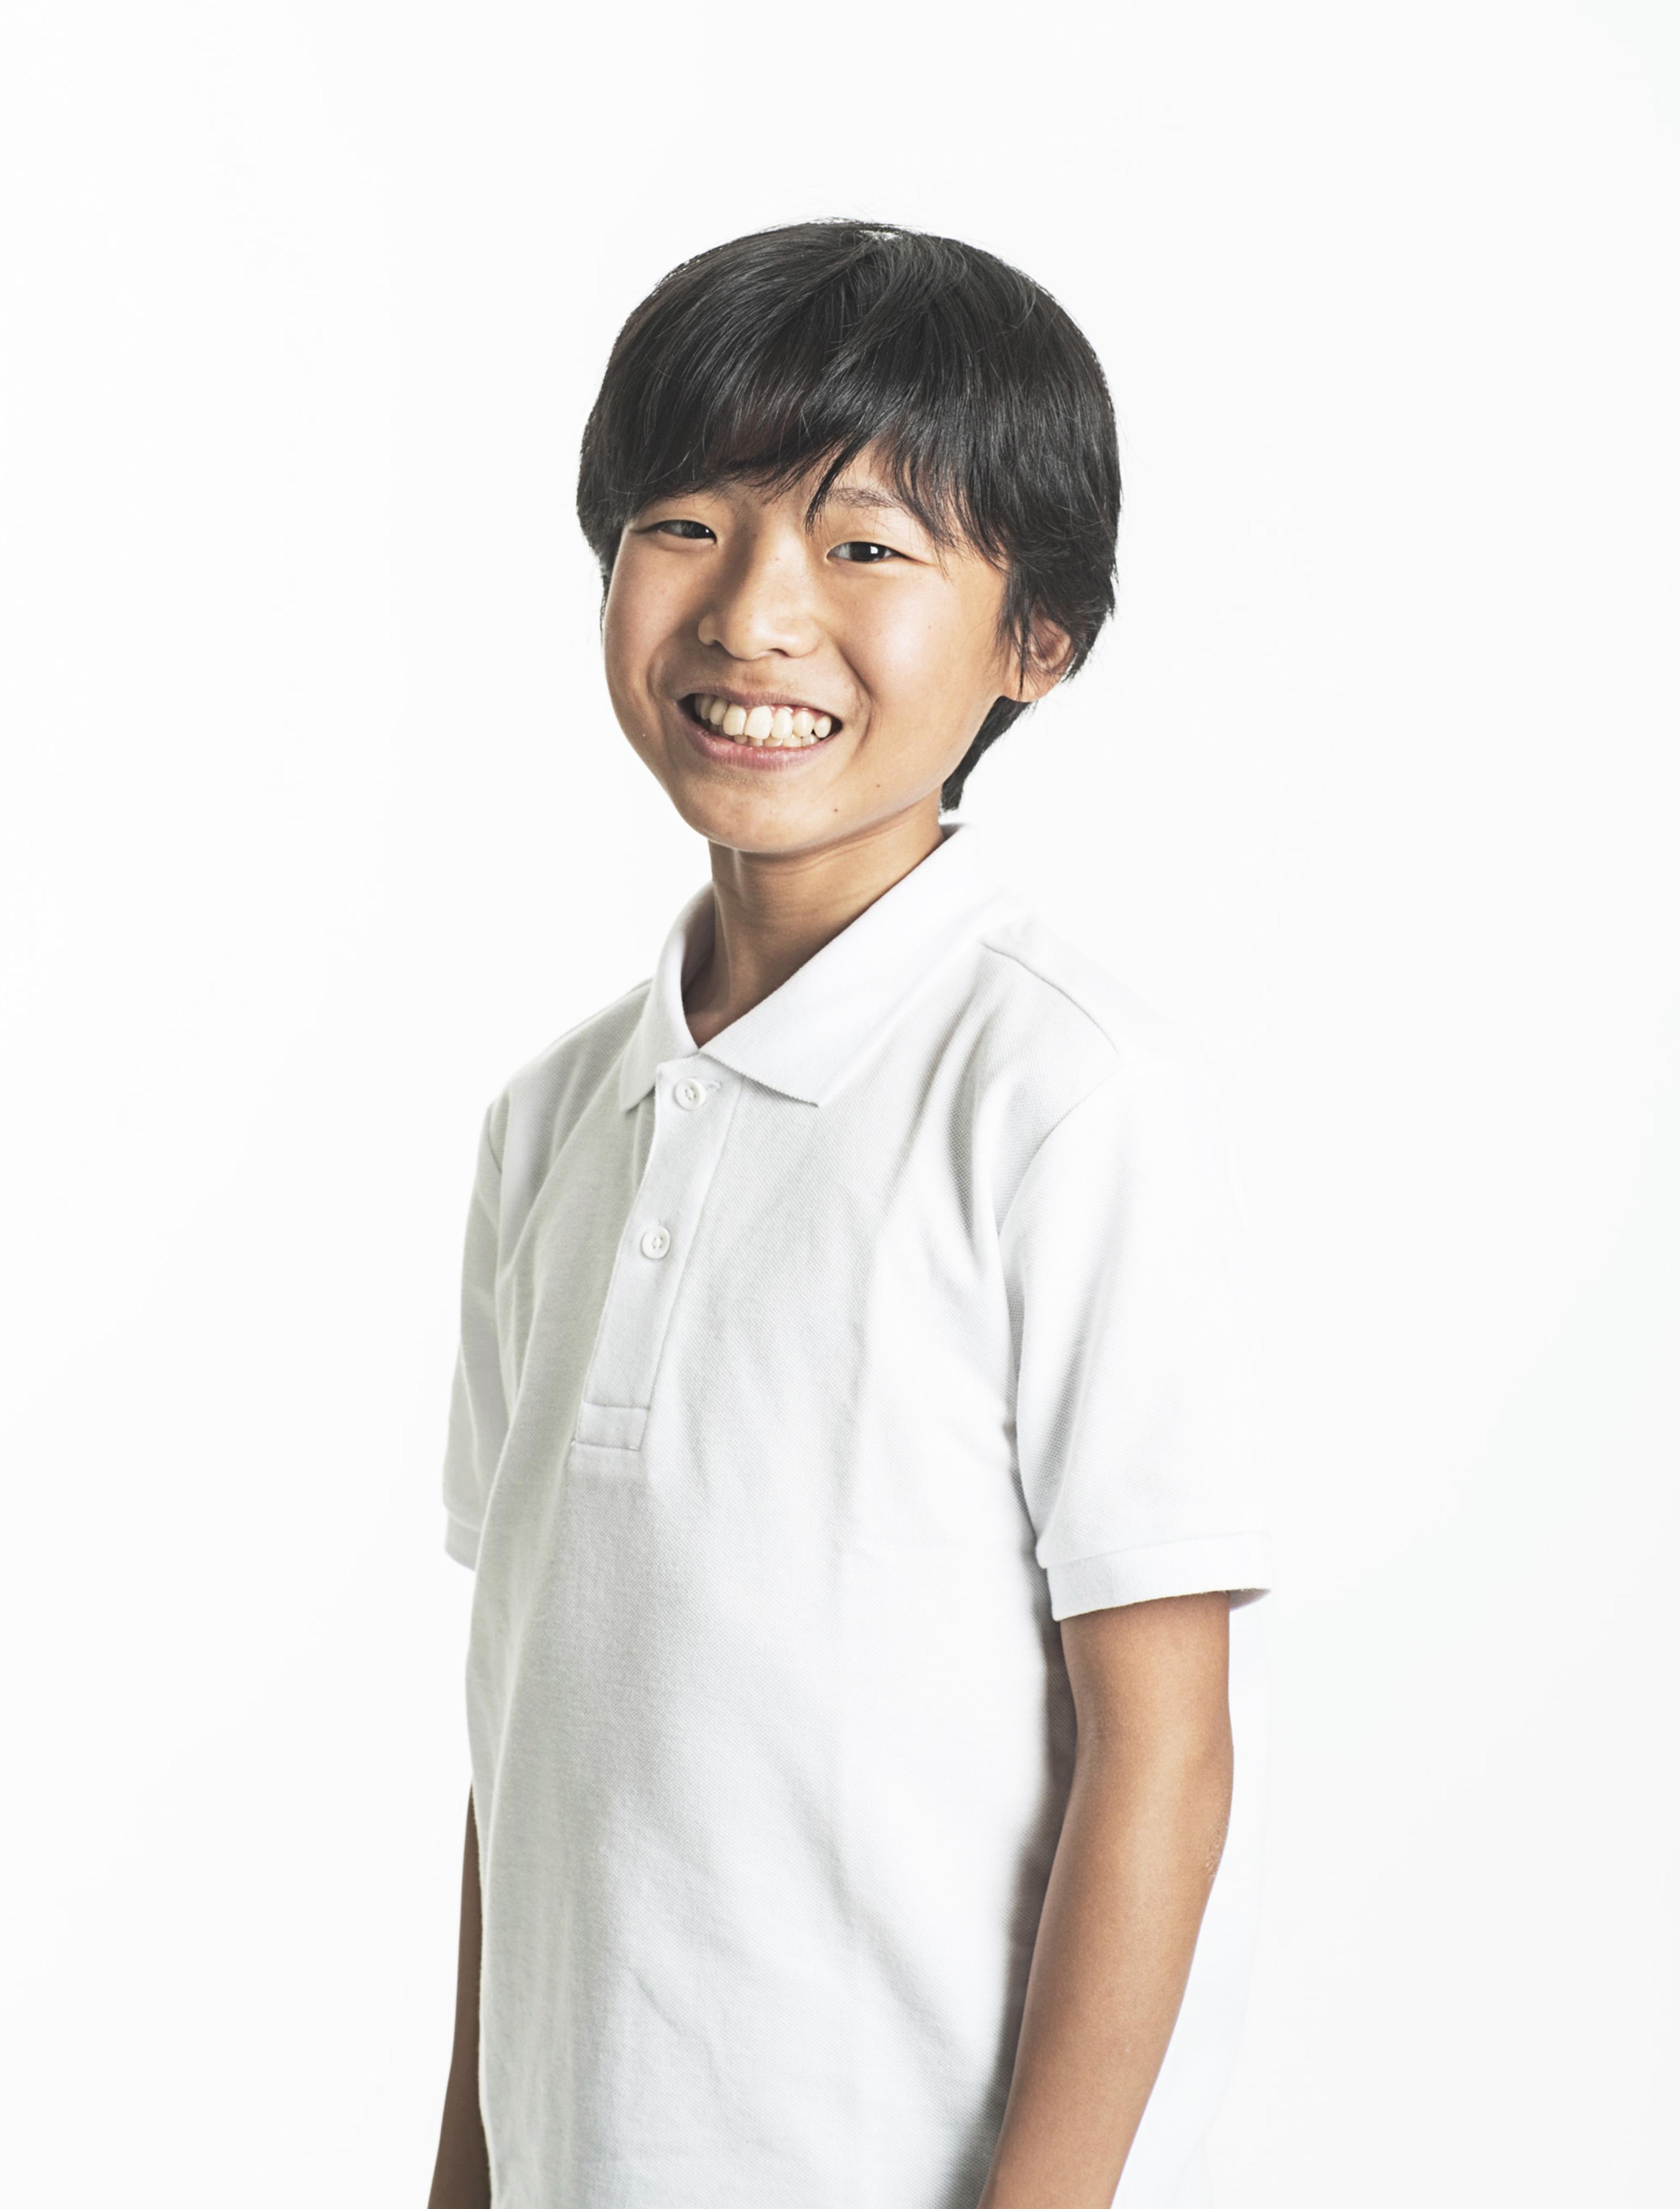 未来和樹(みらい・かずき)熊本出身 15歳